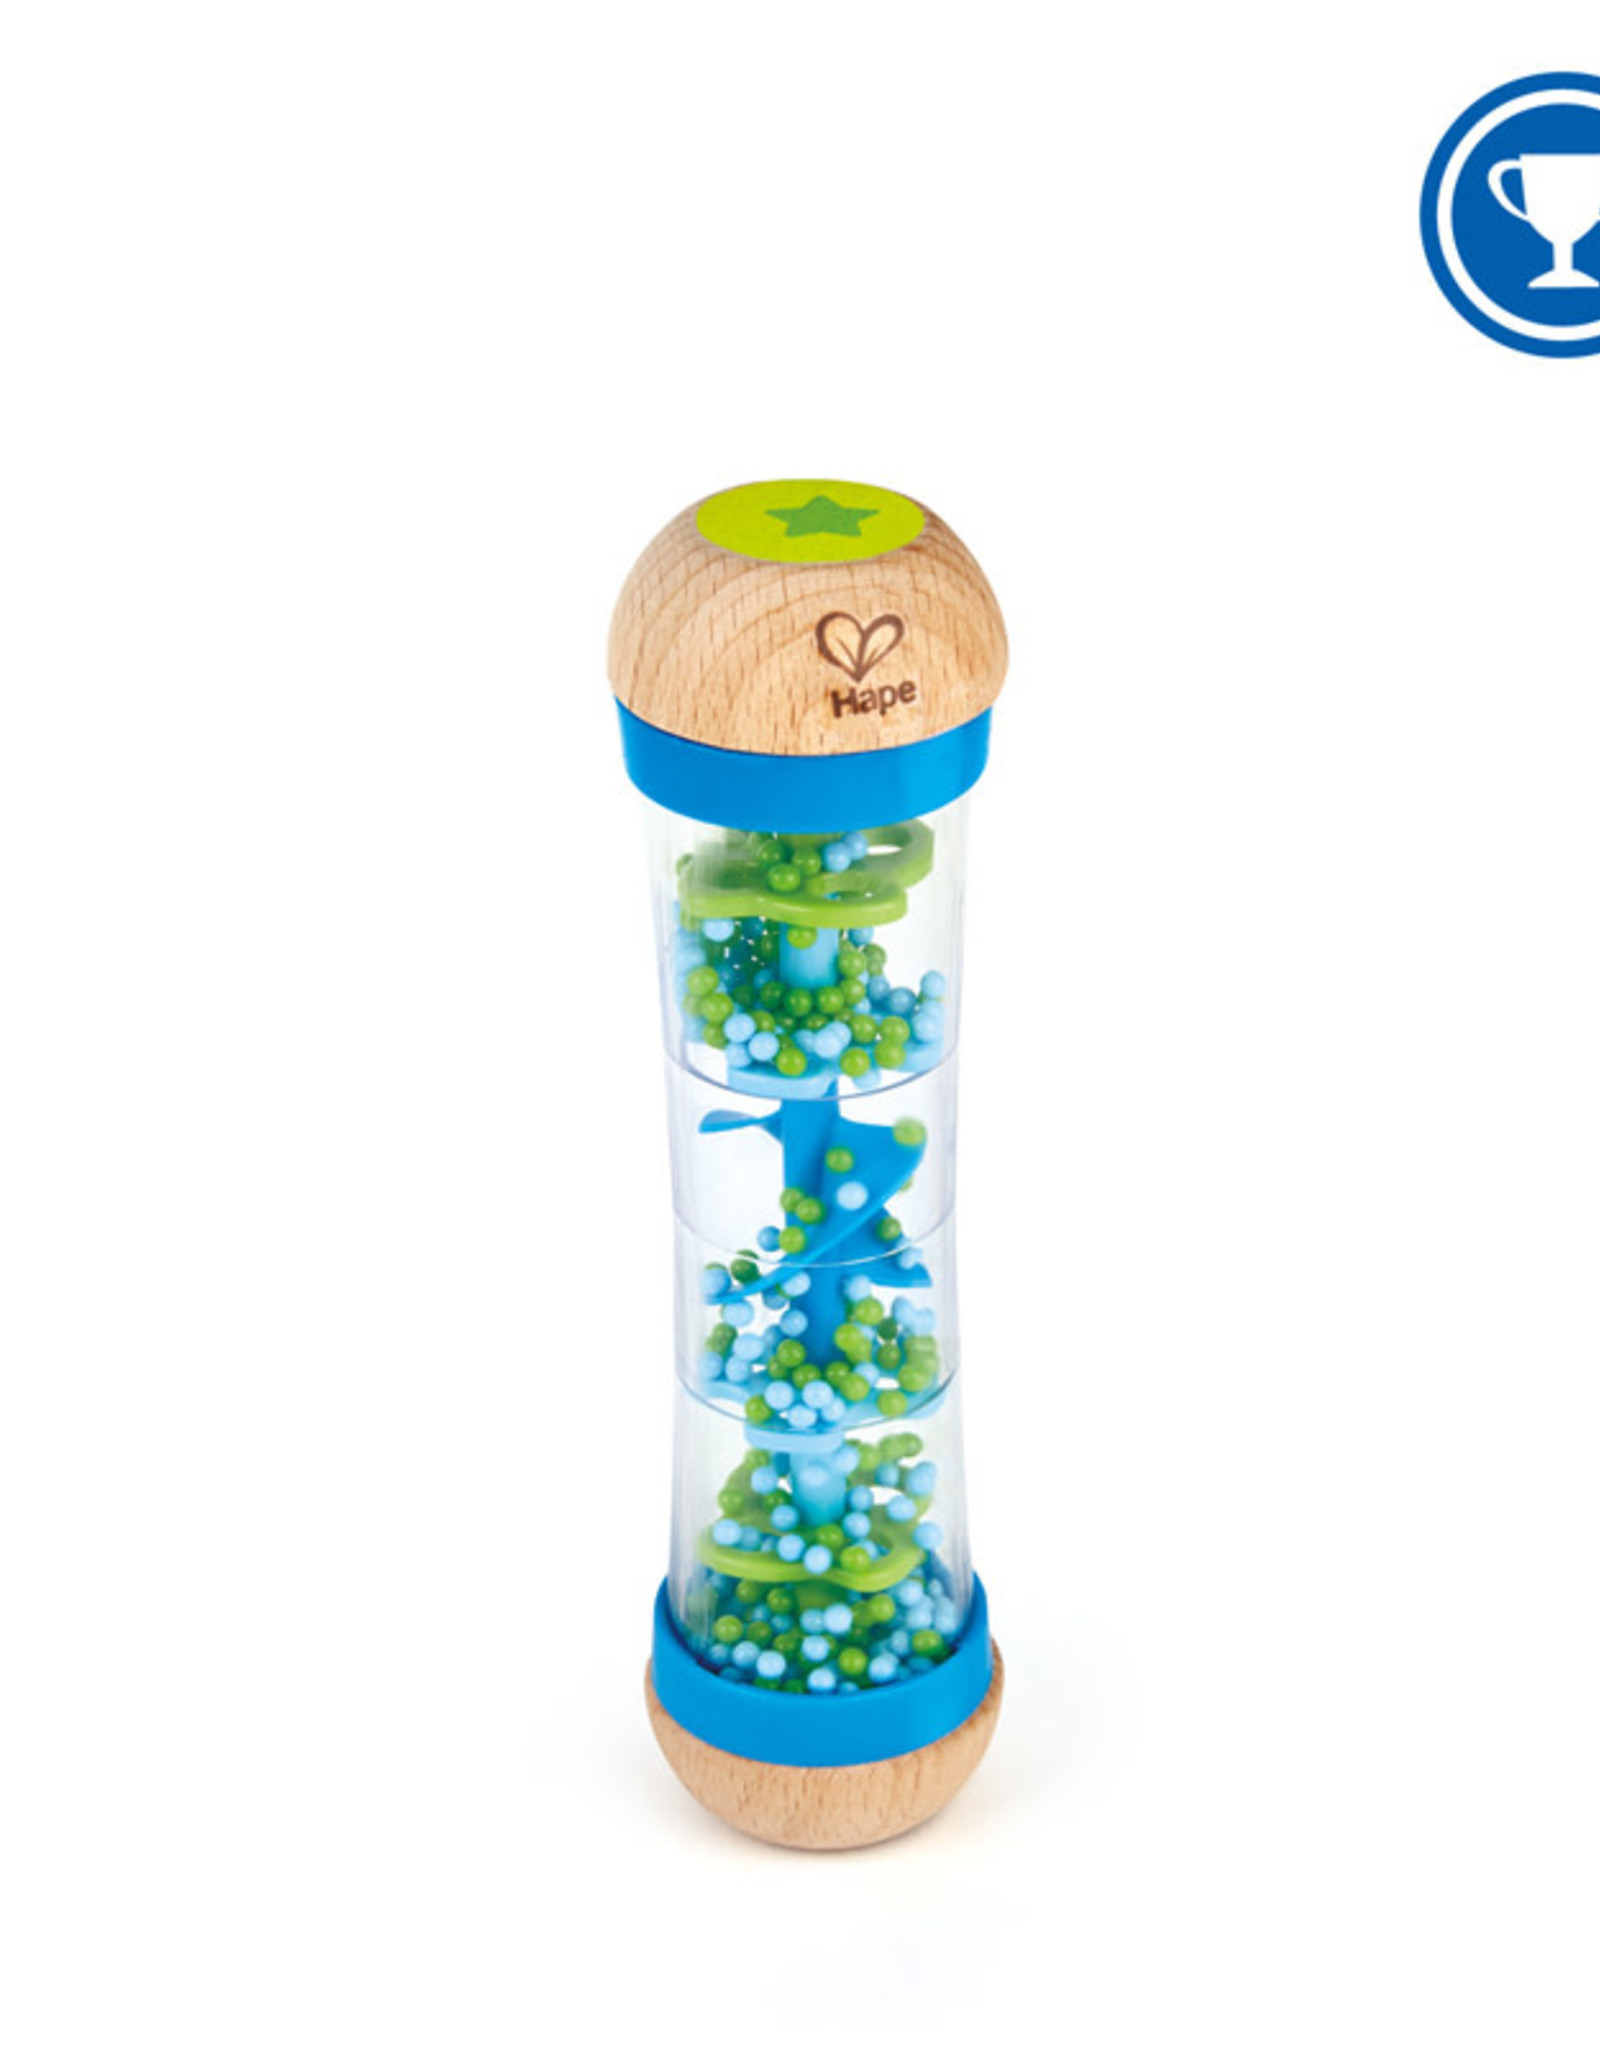 Hape Toys Beaded Raindrops - Blue